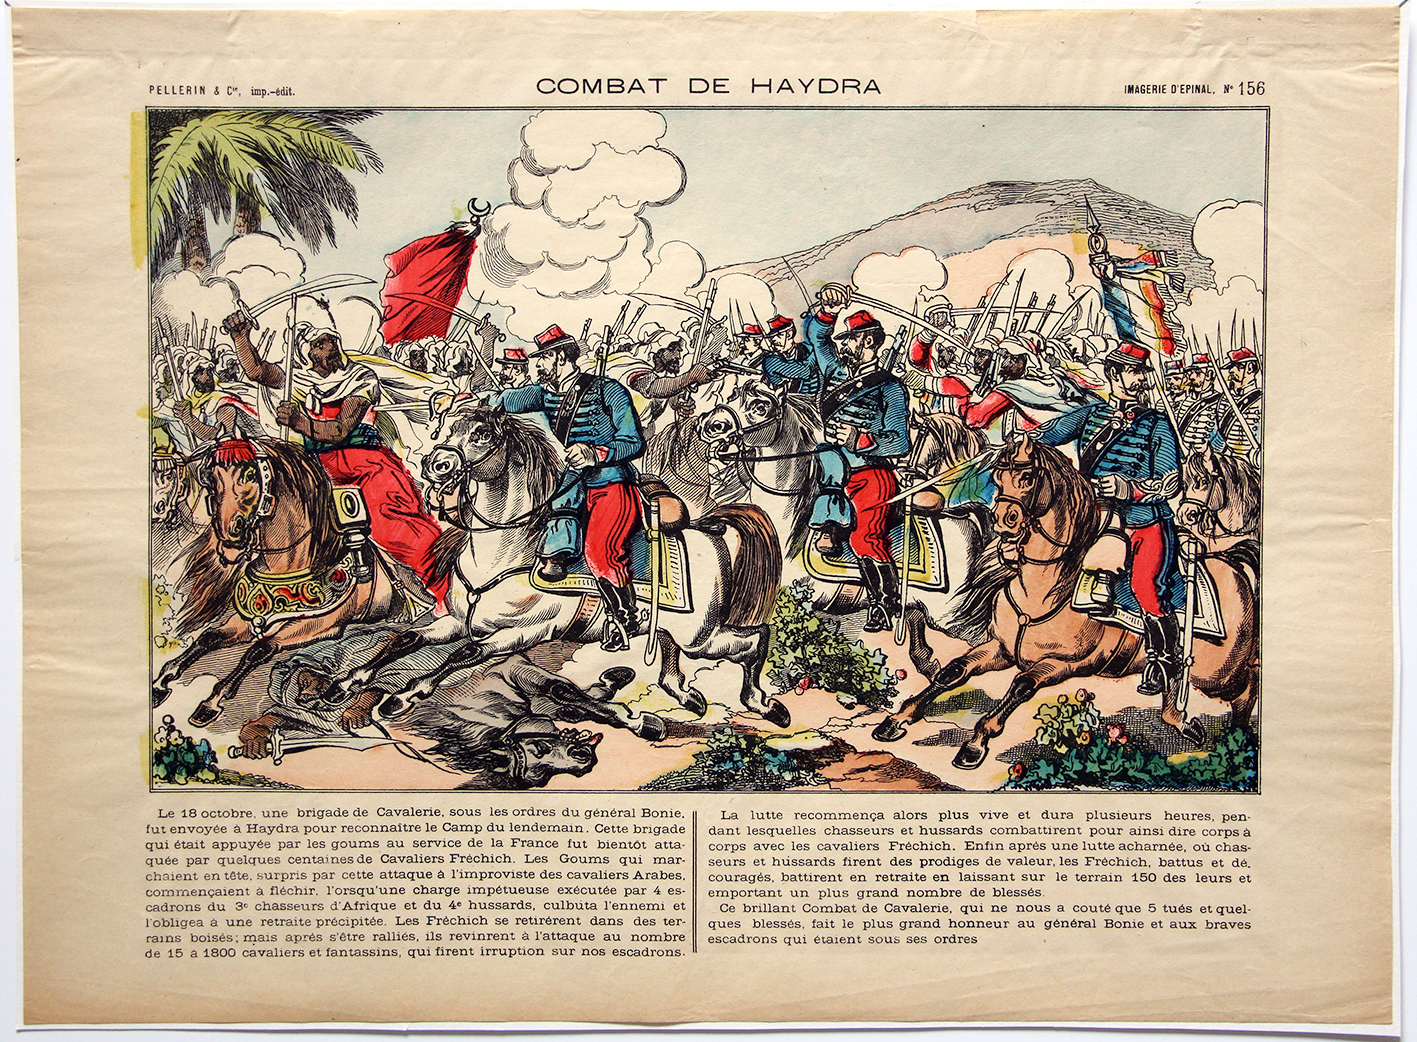 Planche imagerie Epinal - Combat de Haydra - Imagerie Populaire - Conquête de l'Algérie - Planche N°156